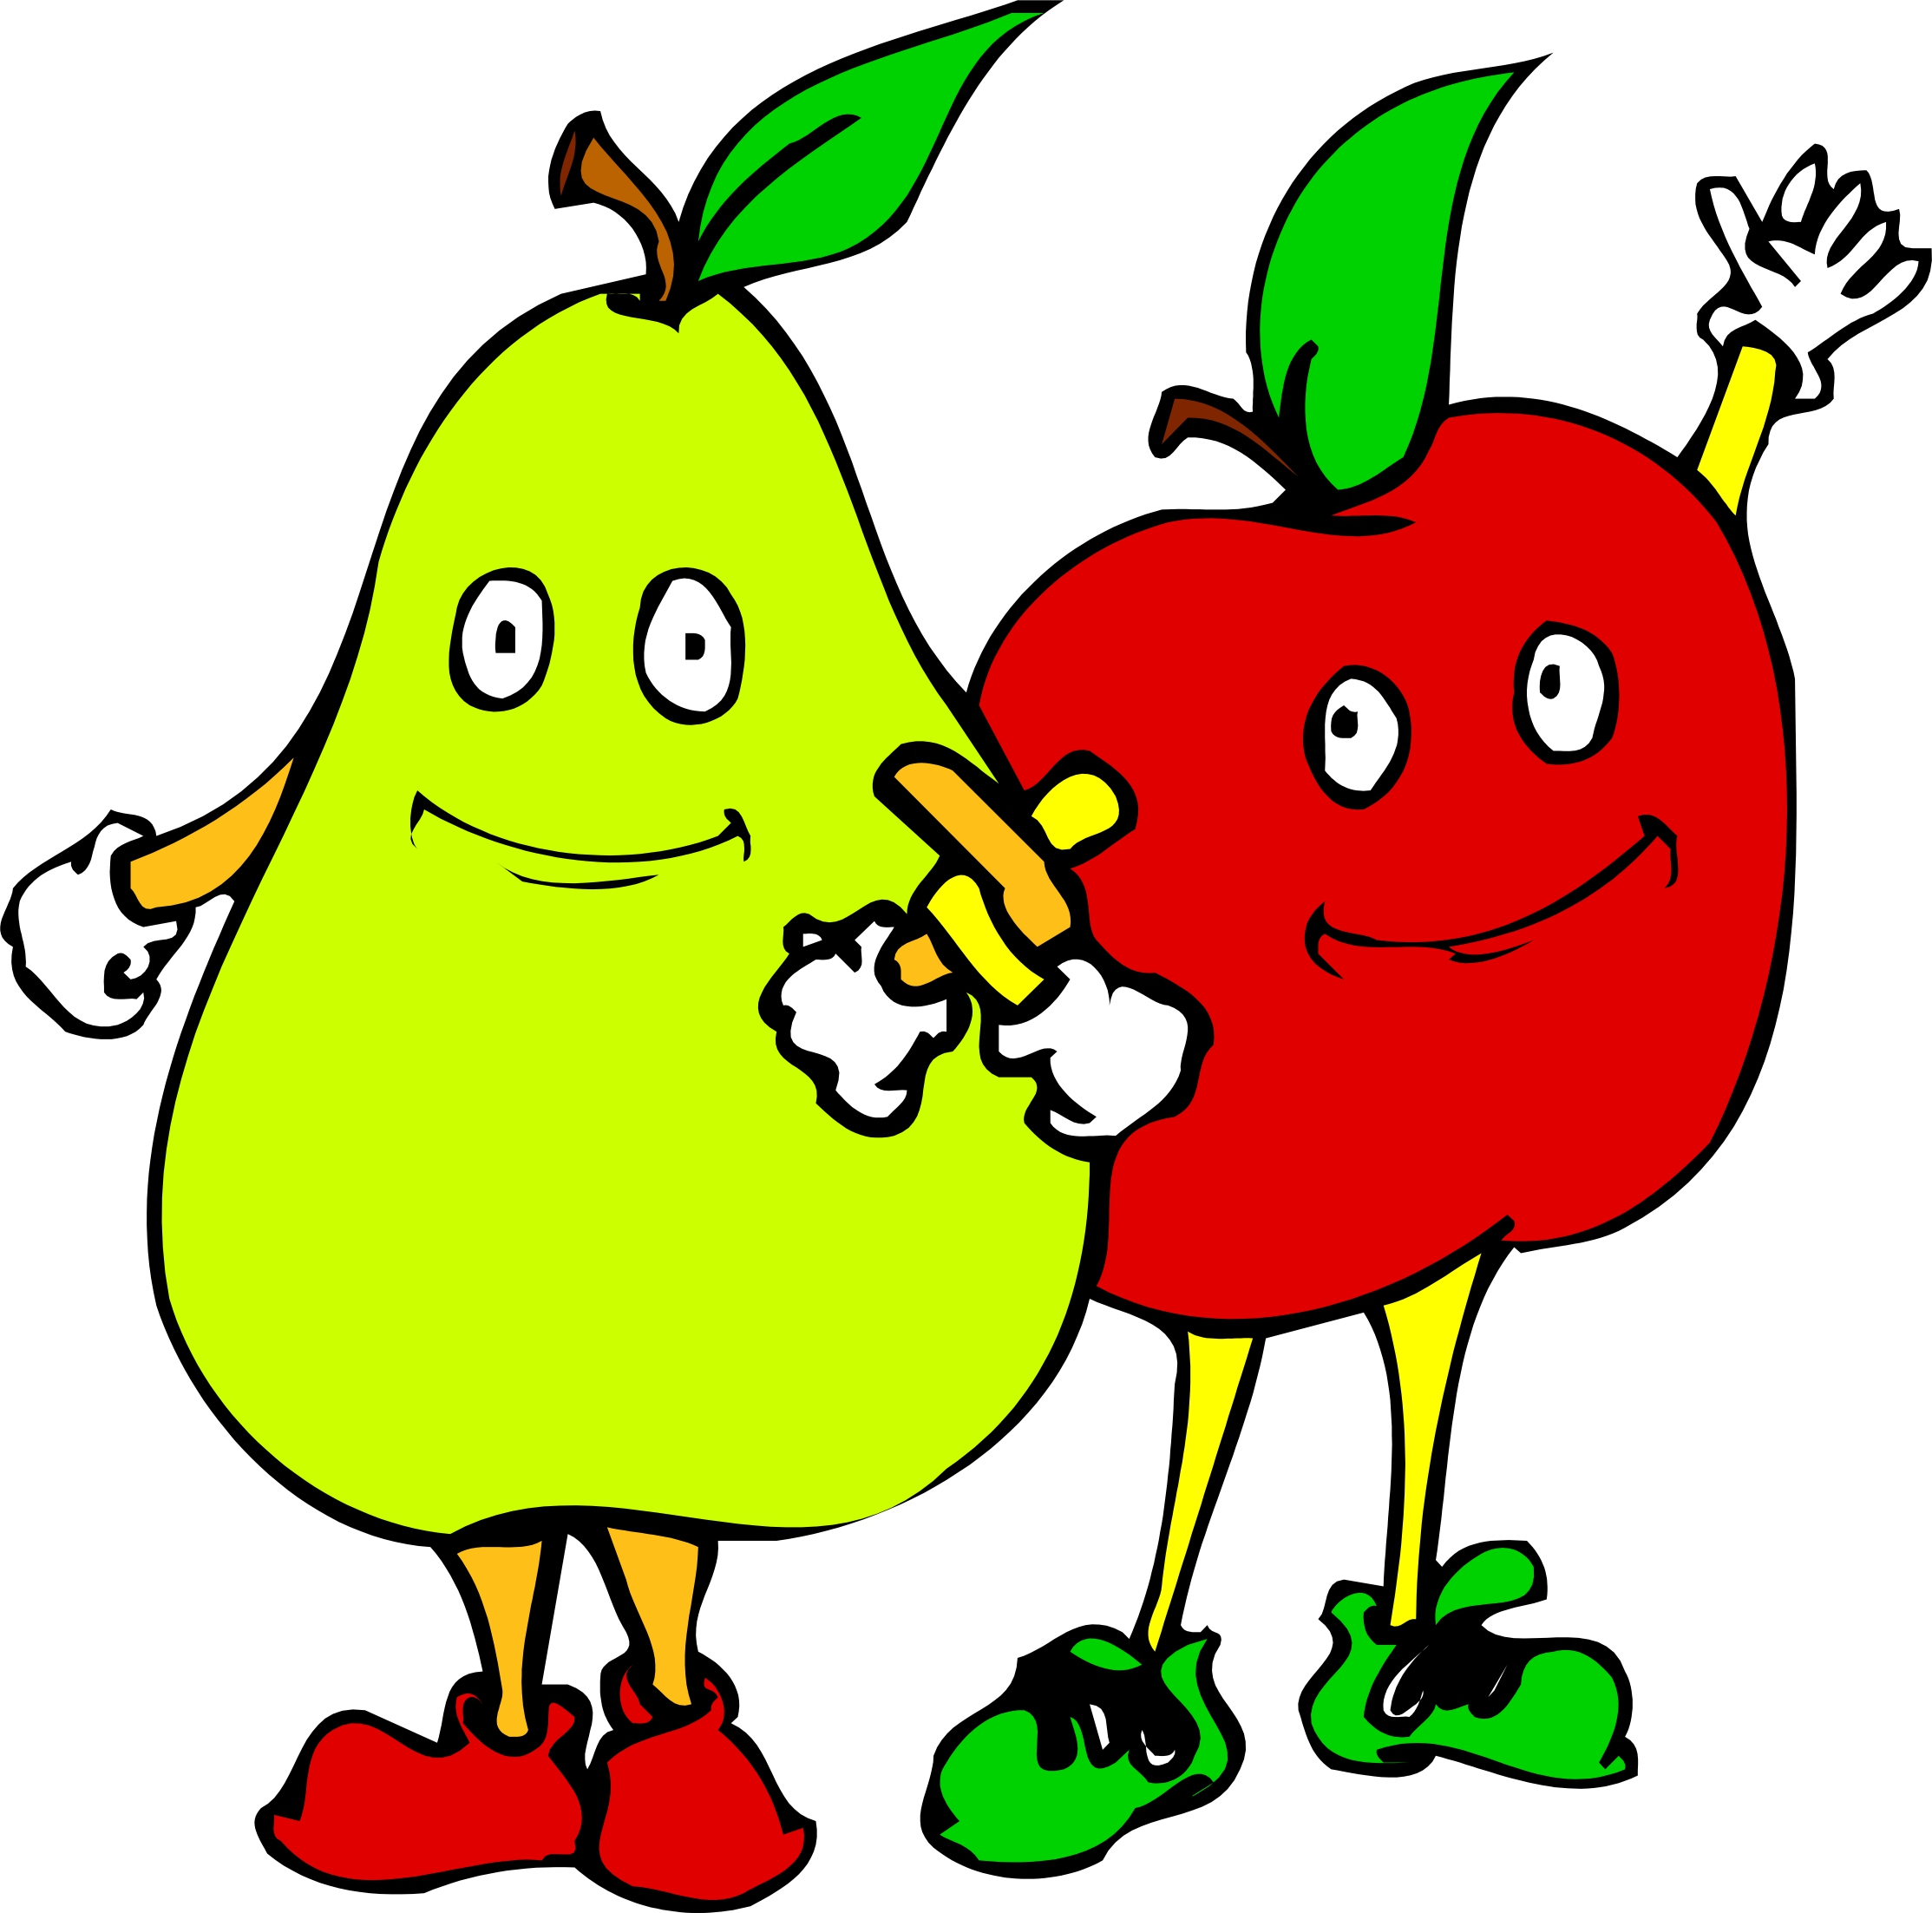 Fruit varieties clipart #18